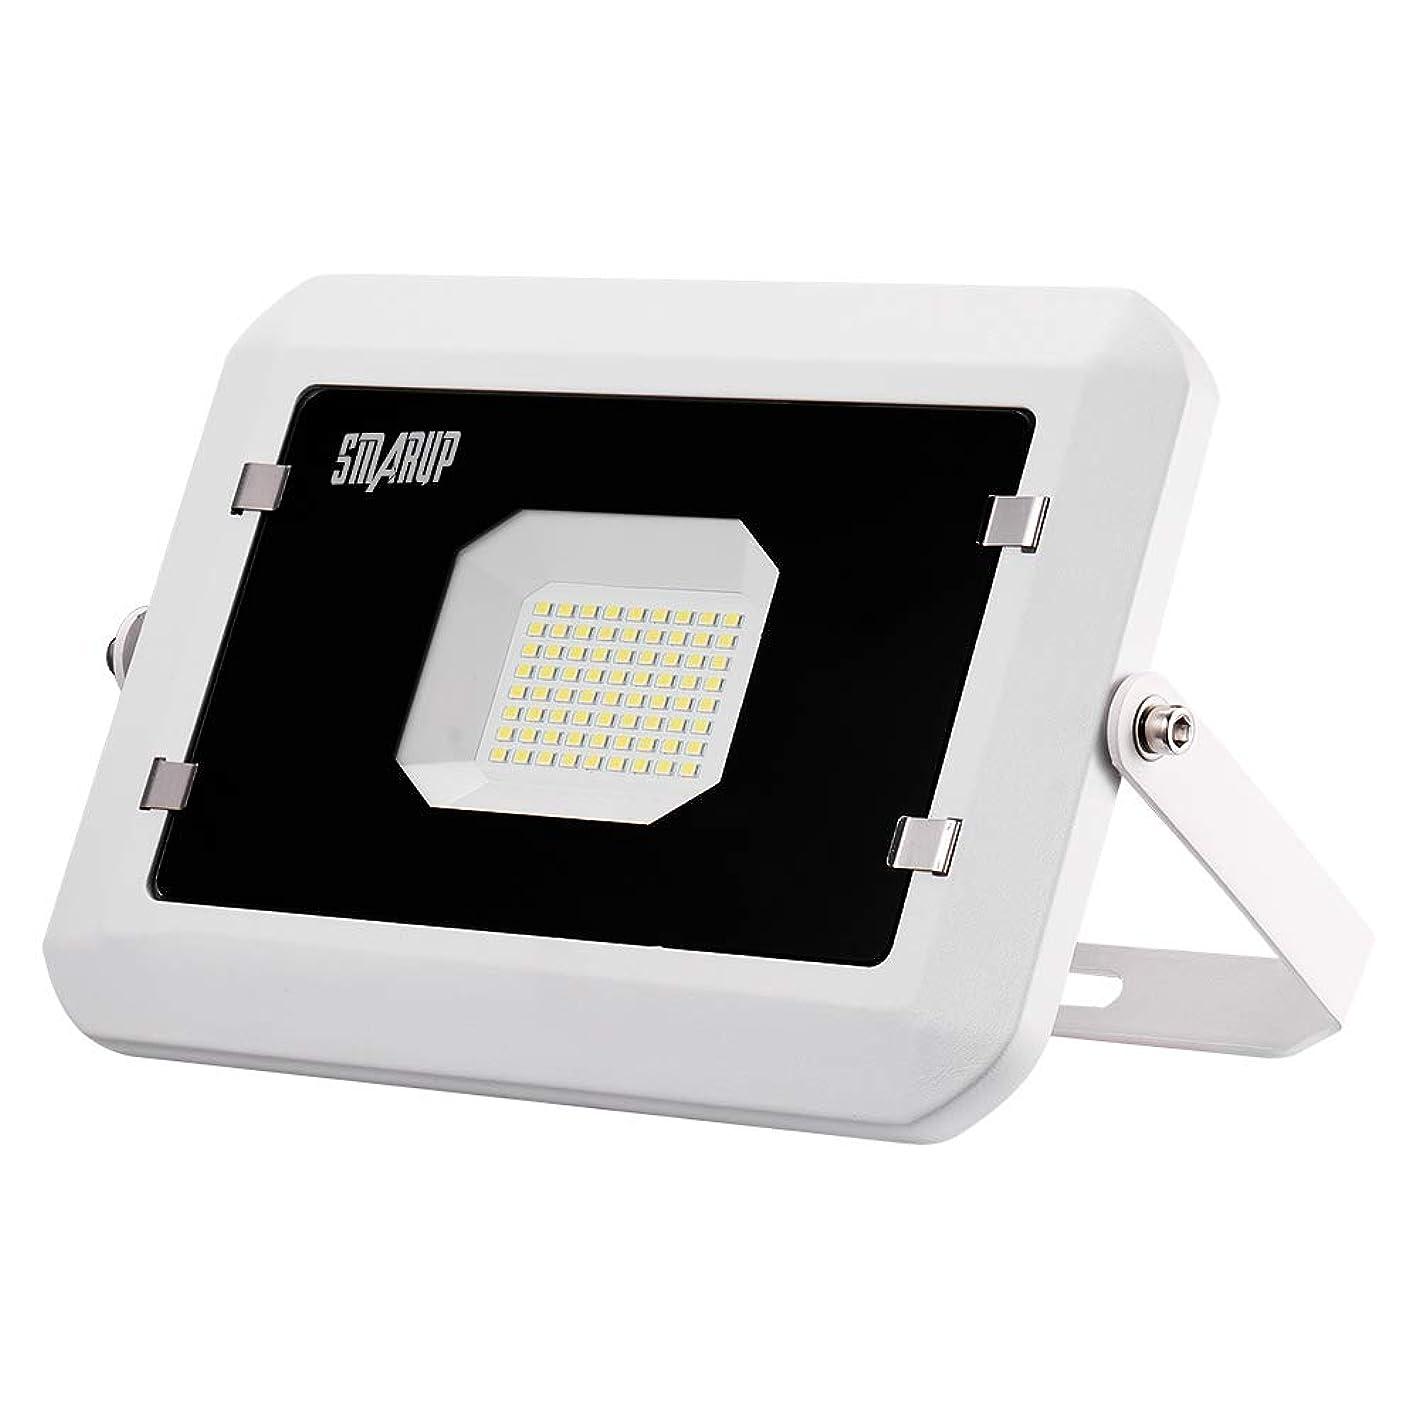 シャツ出発殺人50W LED投光器 led作業灯 500W相当 超薄型LEDライト 広角広範囲昼光色 IP66防水防塵 室内 屋外照明【SMARUP】